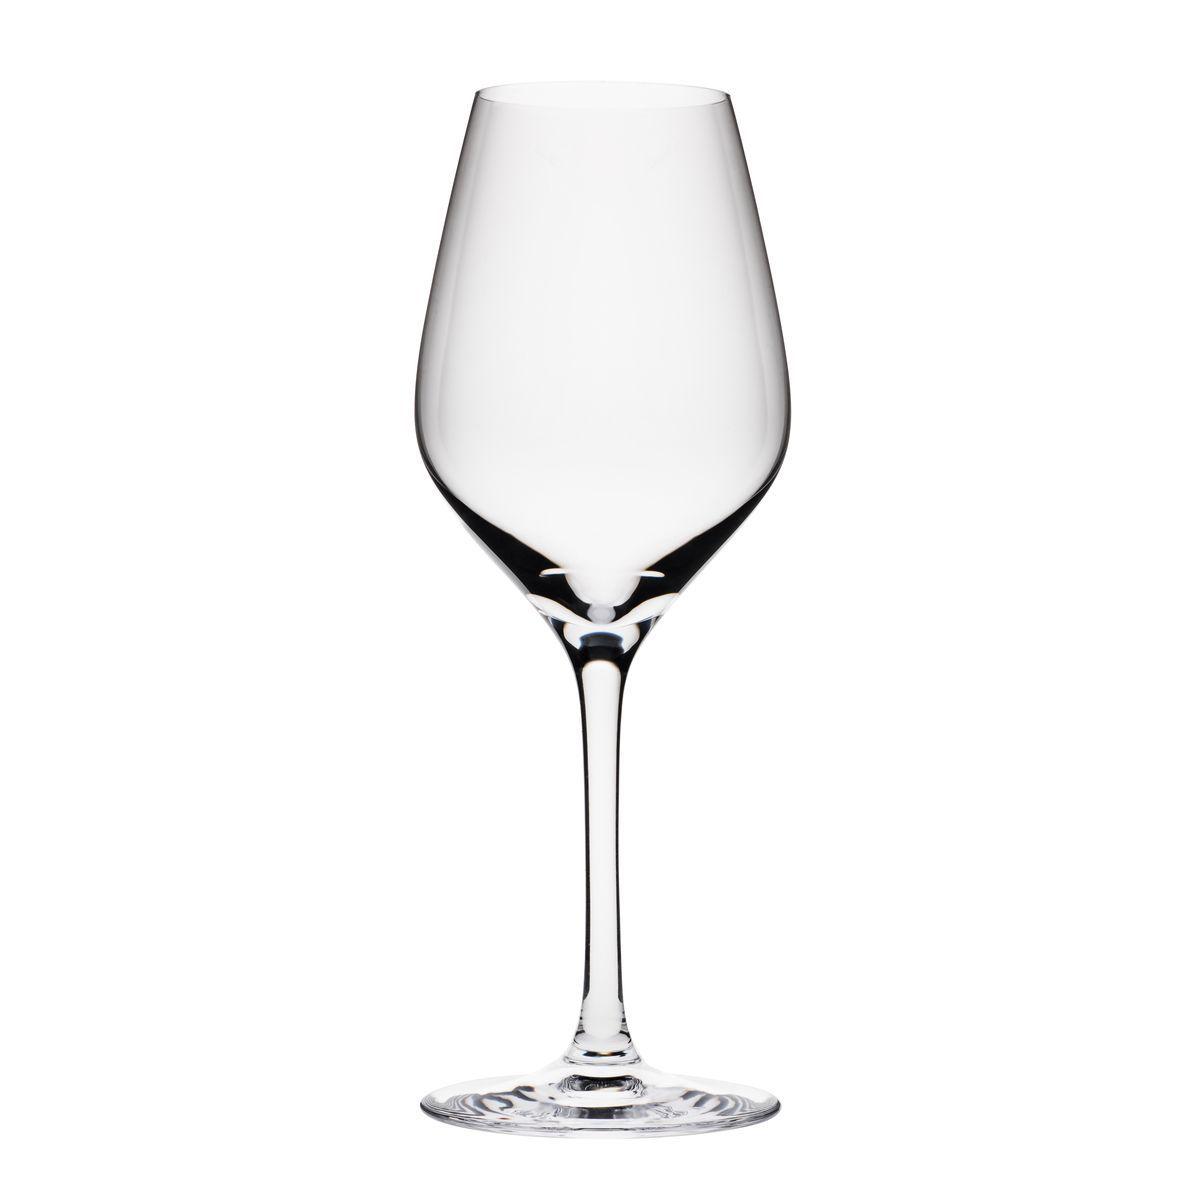 Boîte de 6 verres à vin en cristallin 25 cl